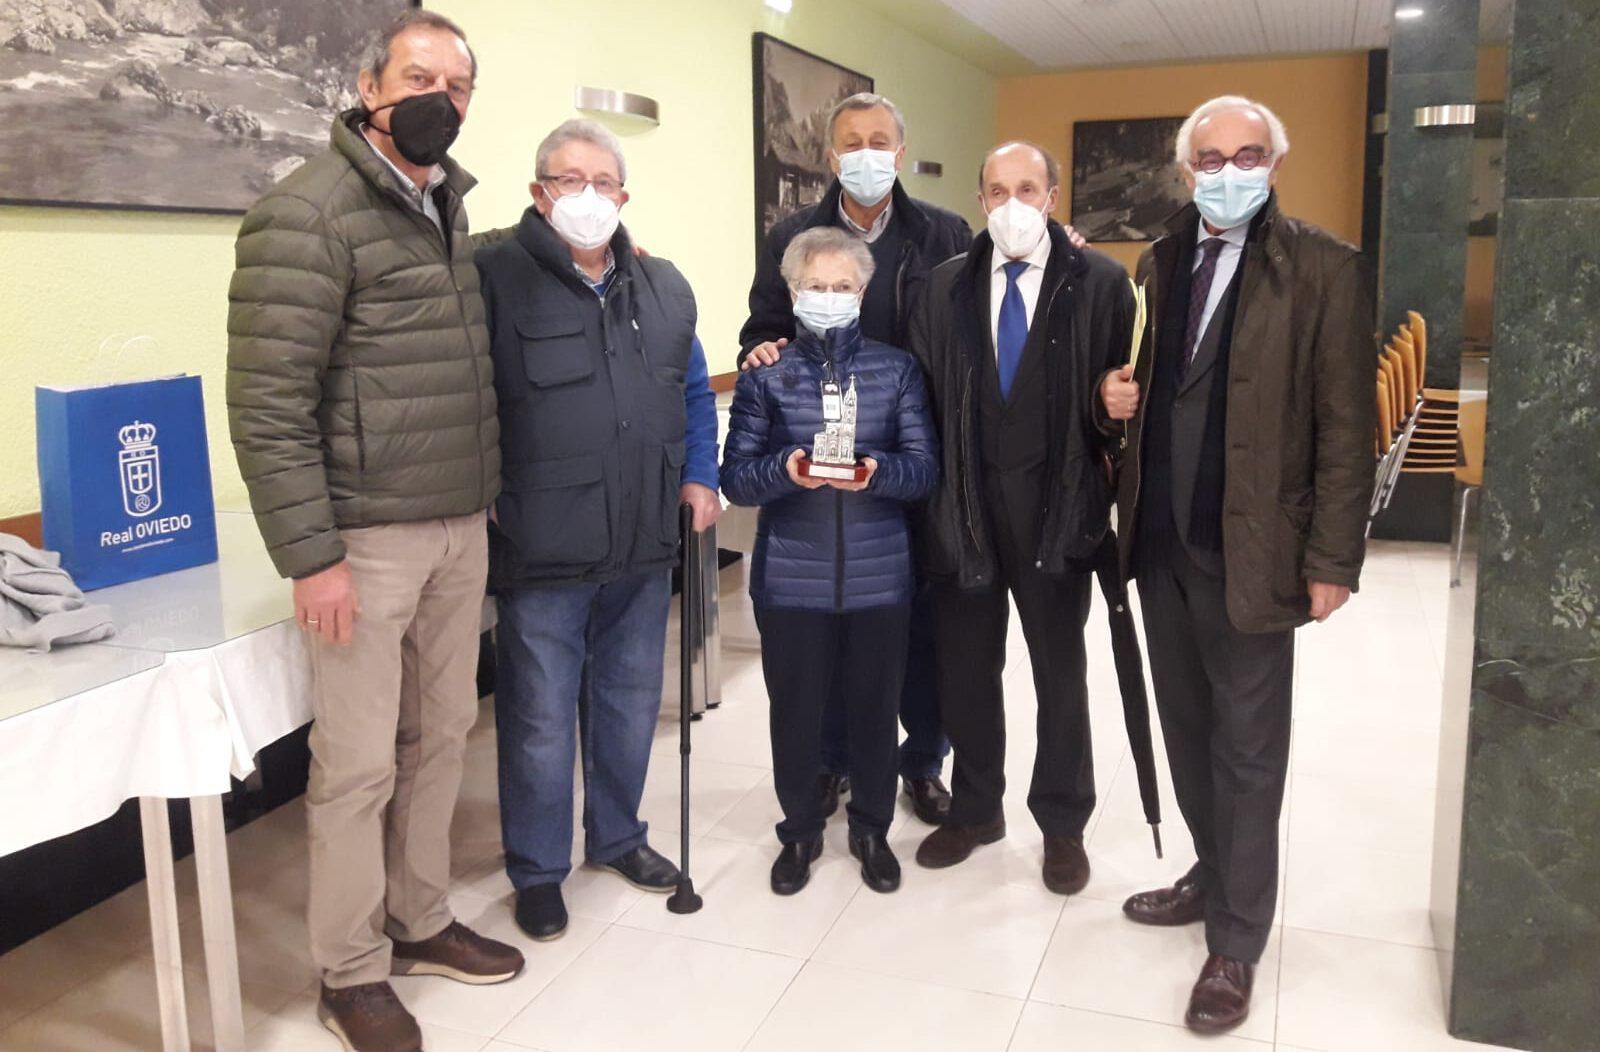 Los veteranos del Real Oviedo reconocen a Sor Esperanza